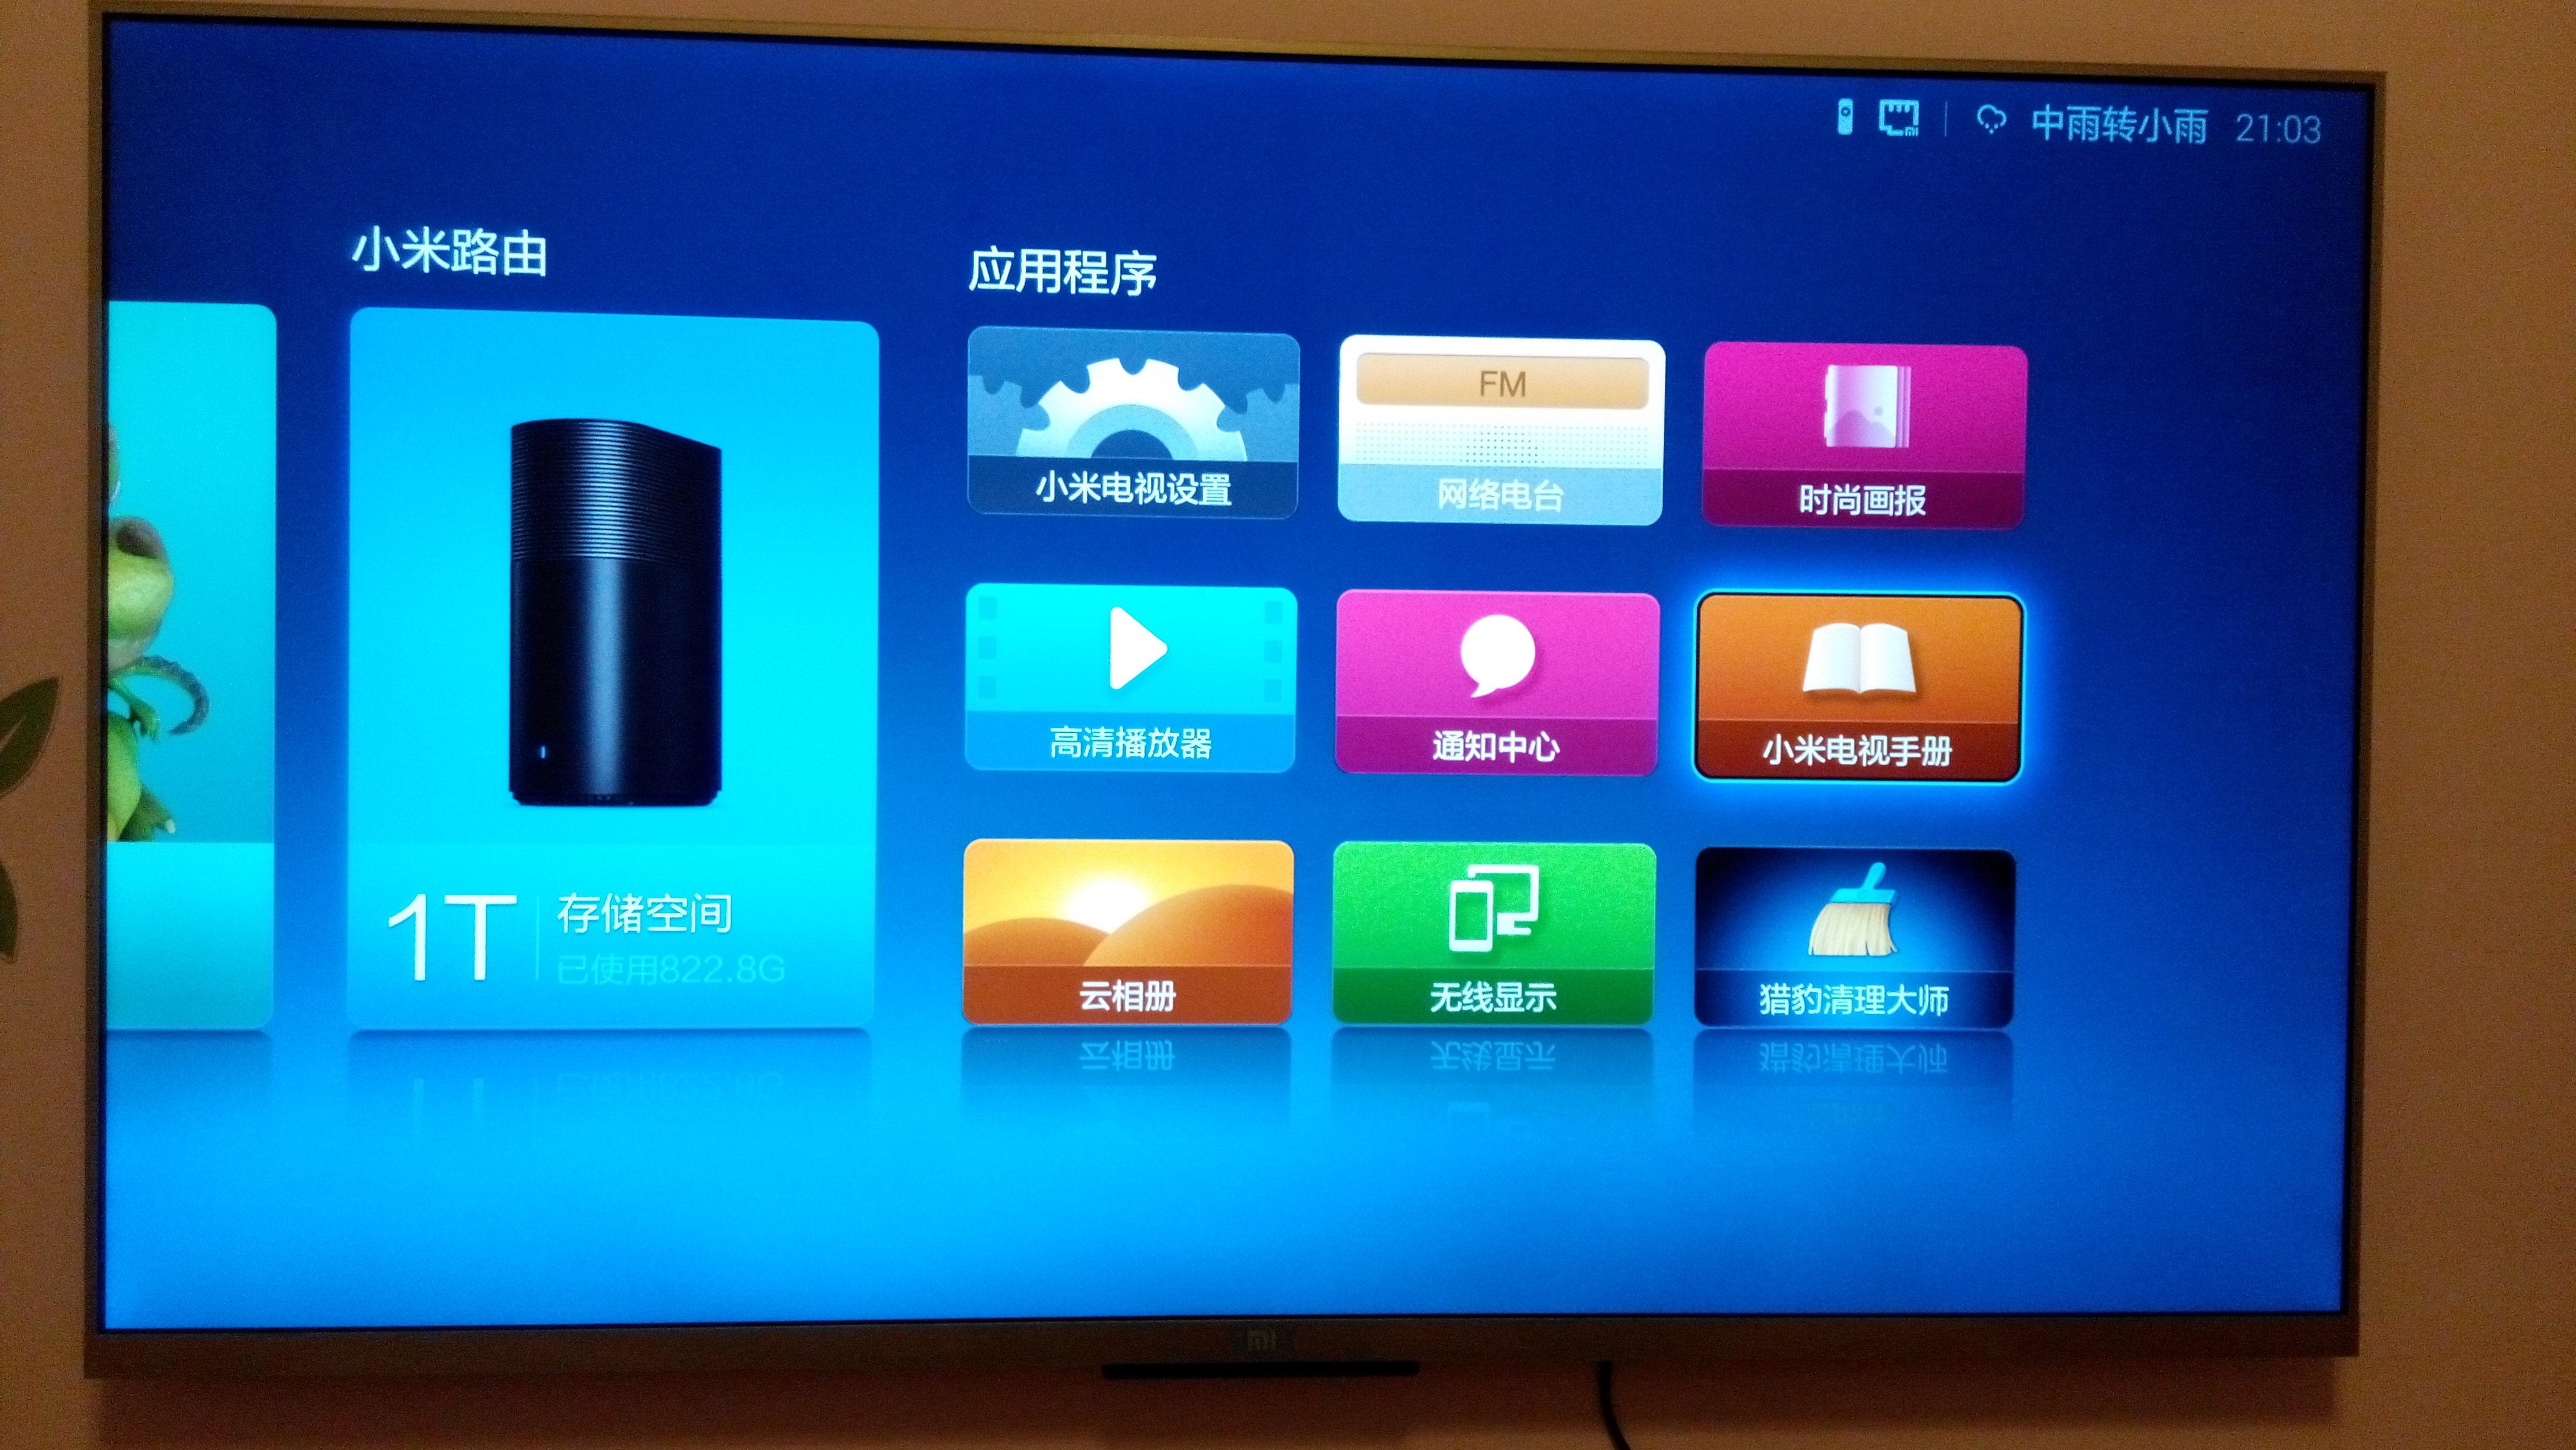 电视盒子 4k_4k电视盒子需要多少m_电视盒子4k片源